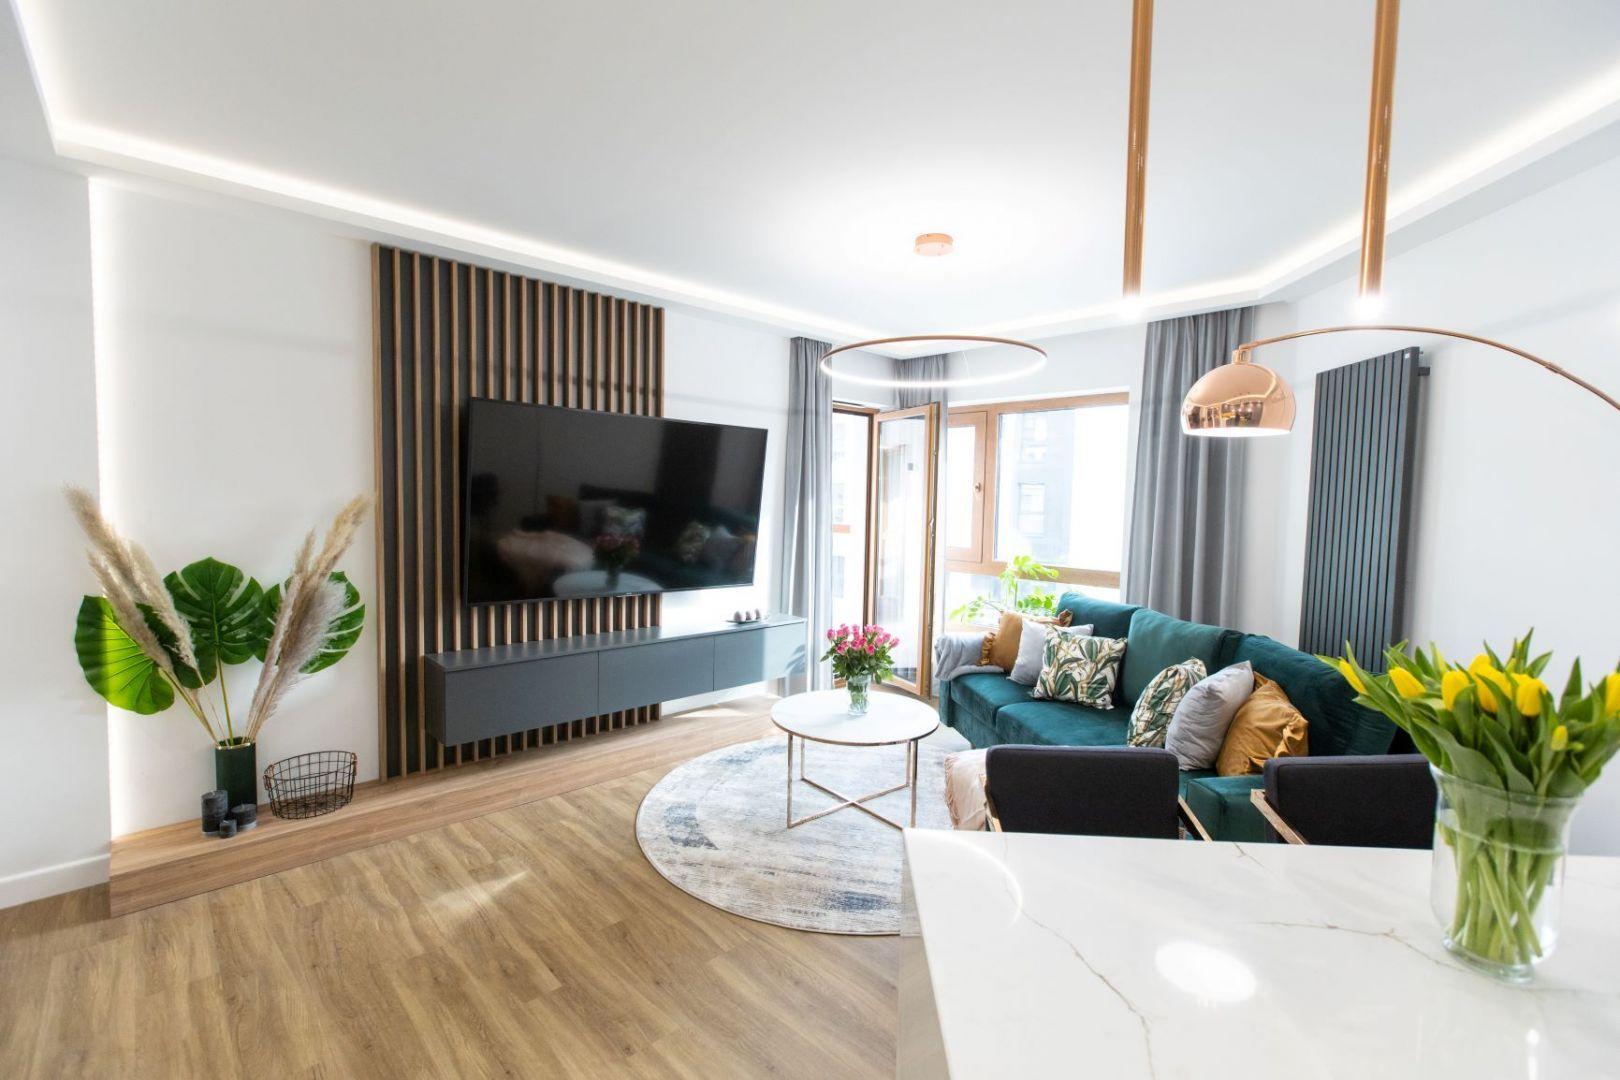 Jak urządzić salon w bloku? Pomysł na aranżację z zieloną sofą i drewnianymi lamelami na ścianie z telewizorem. Projekt: Malwina Kuzera. Fot. Piotr Seweryn, SewiMedia